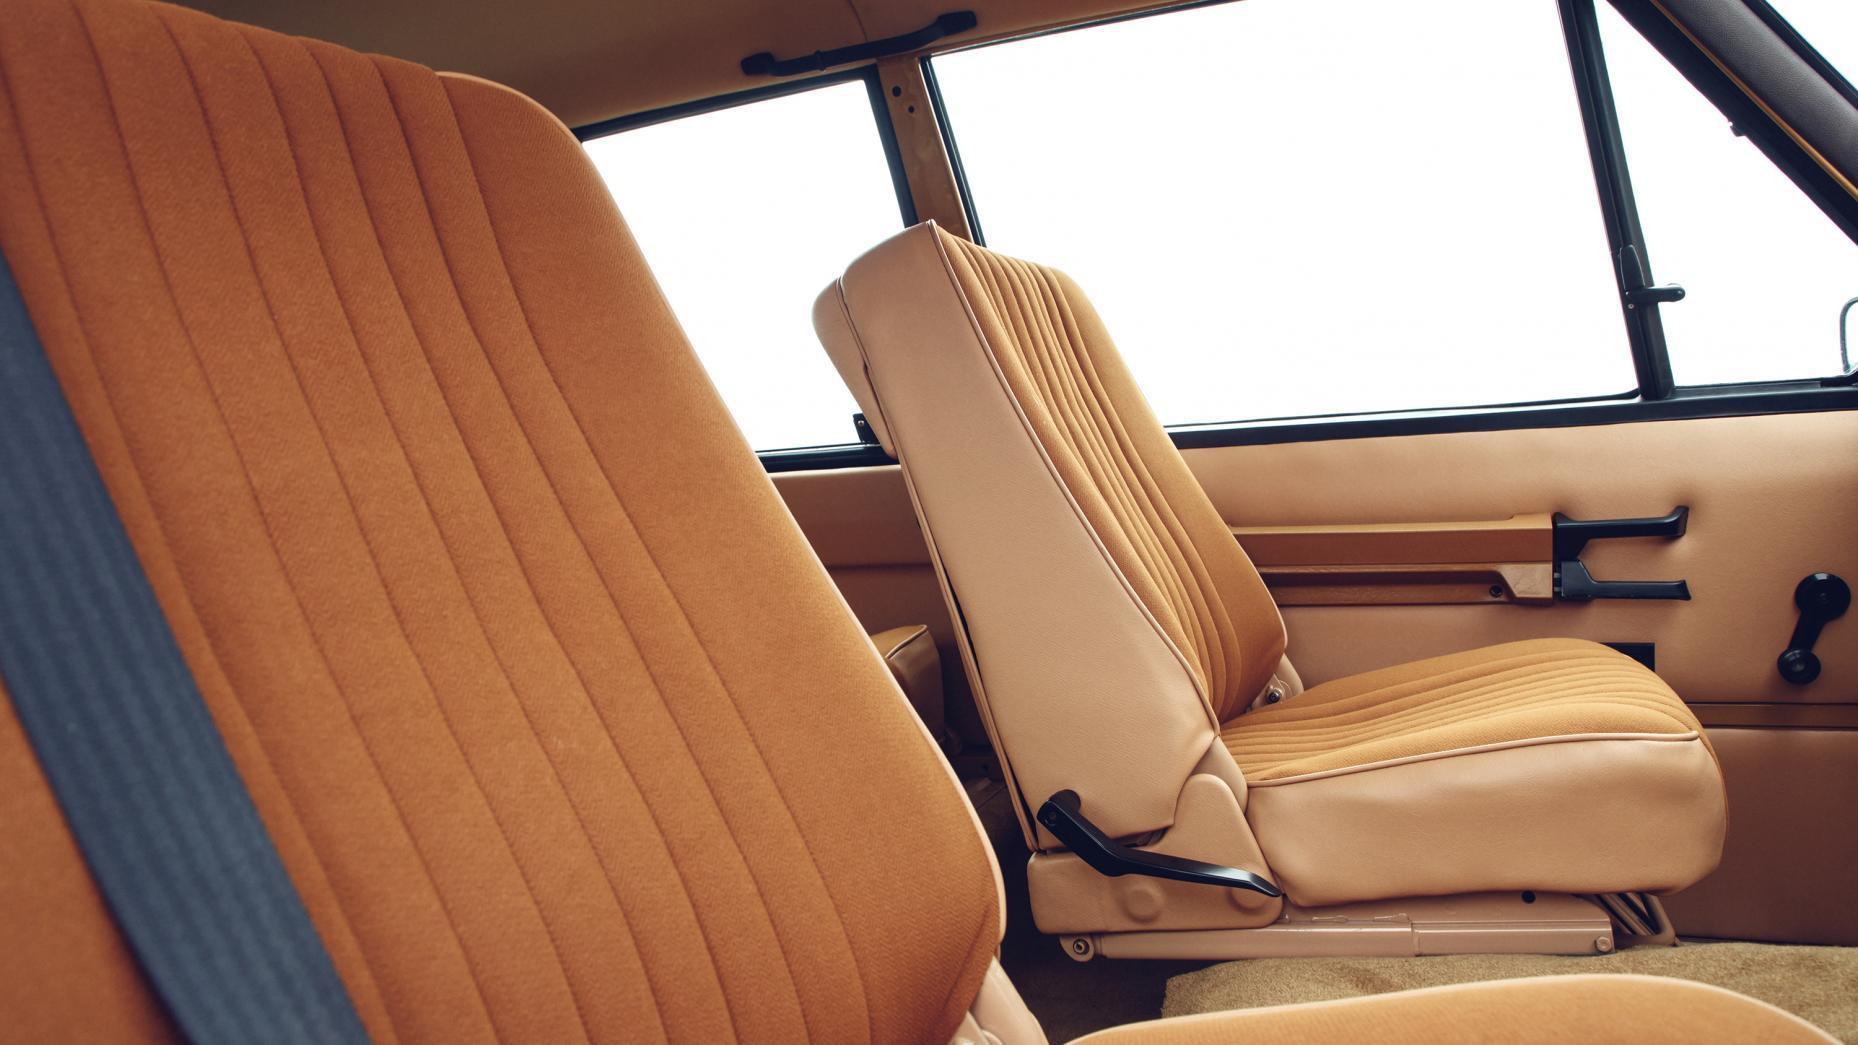 Range Rover interieur (prolongatie)